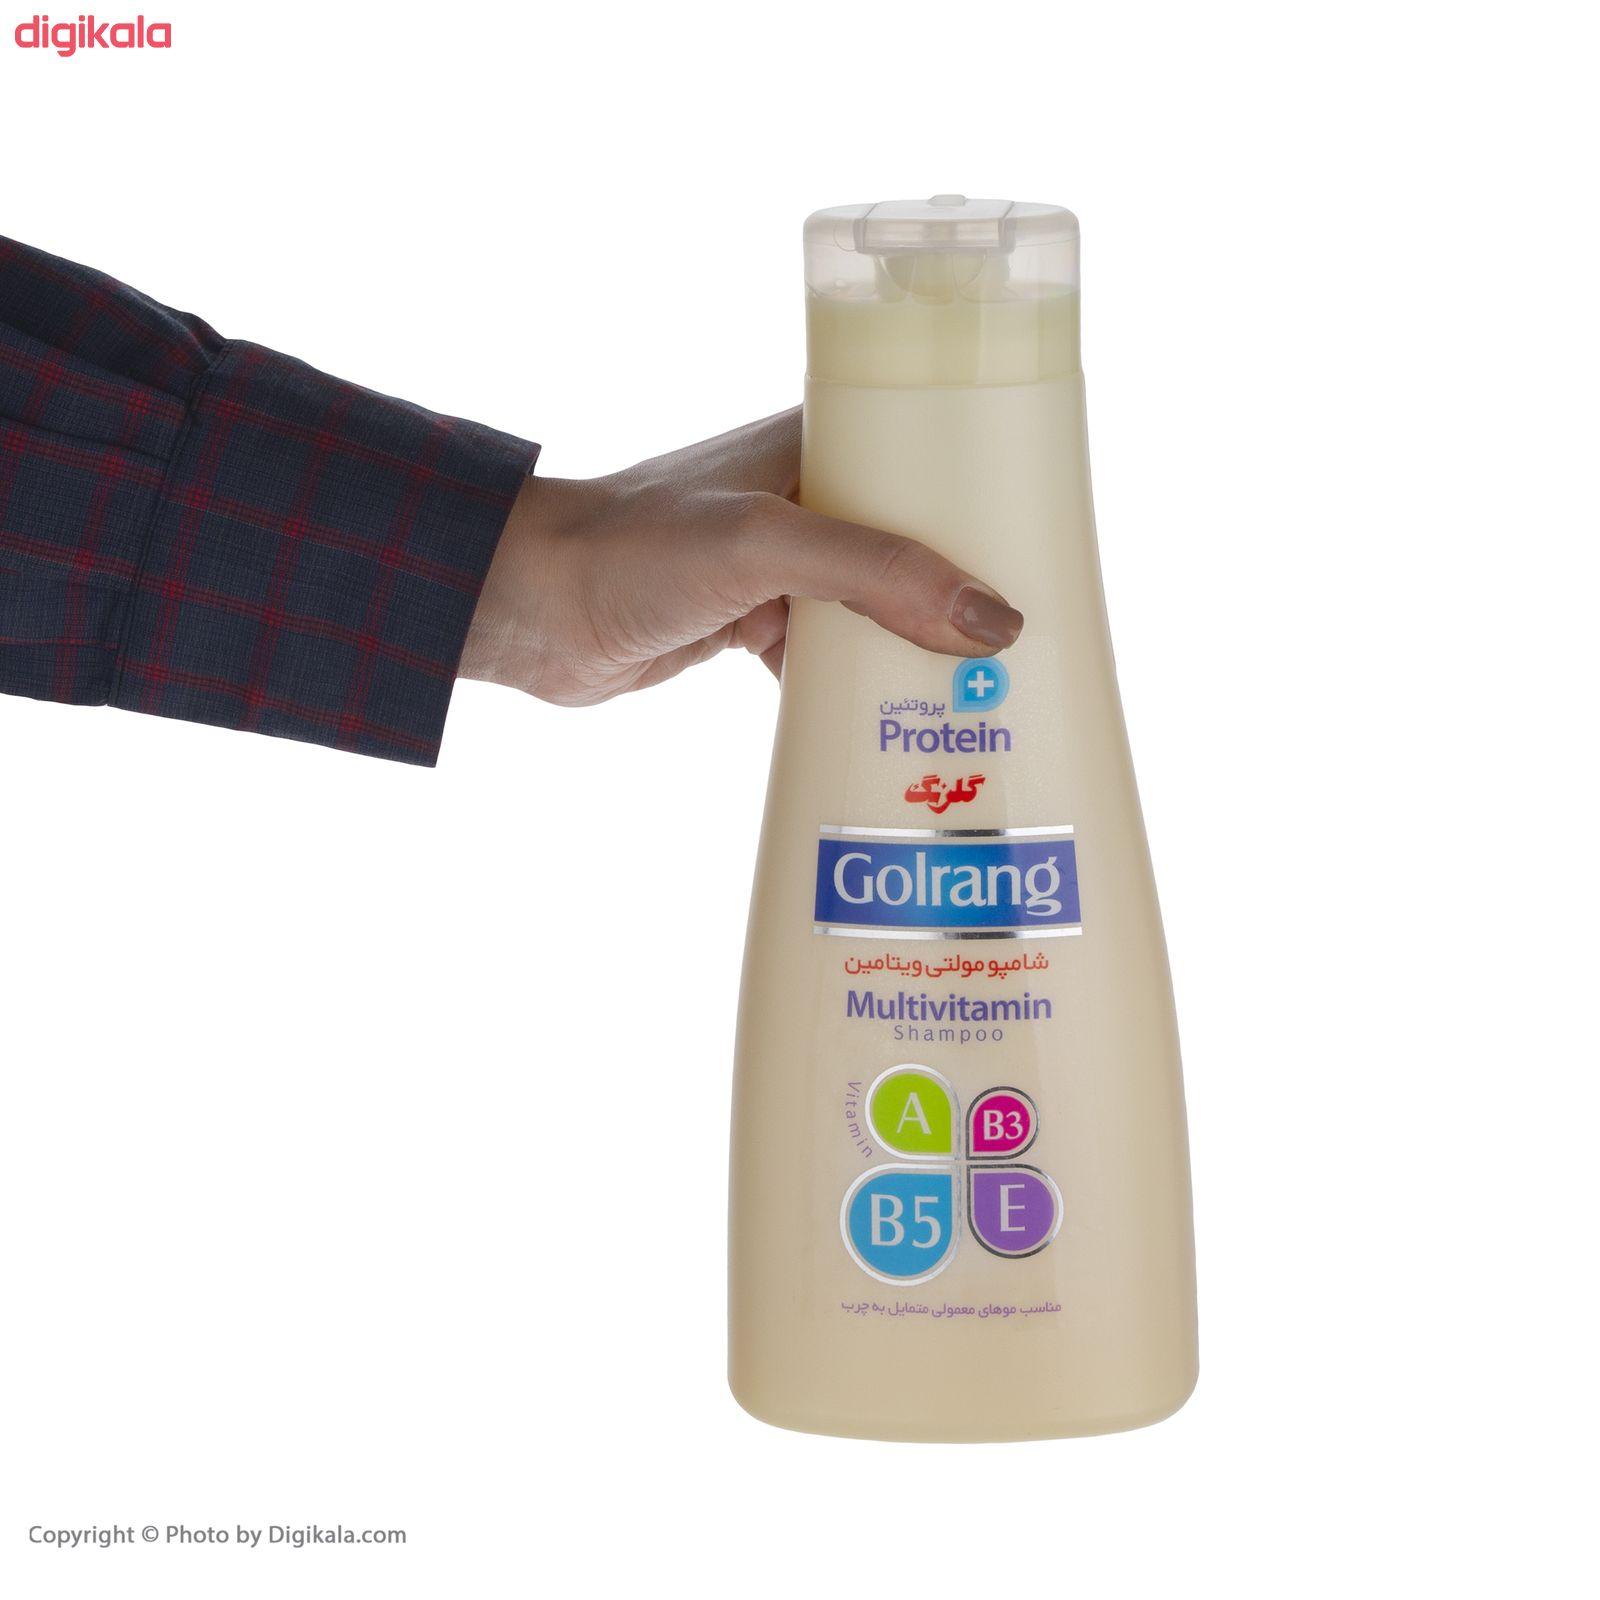 شامپو موی گلرنگ سری Plus Protein مدل Oily Hair مقدار 900 گرم main 1 2